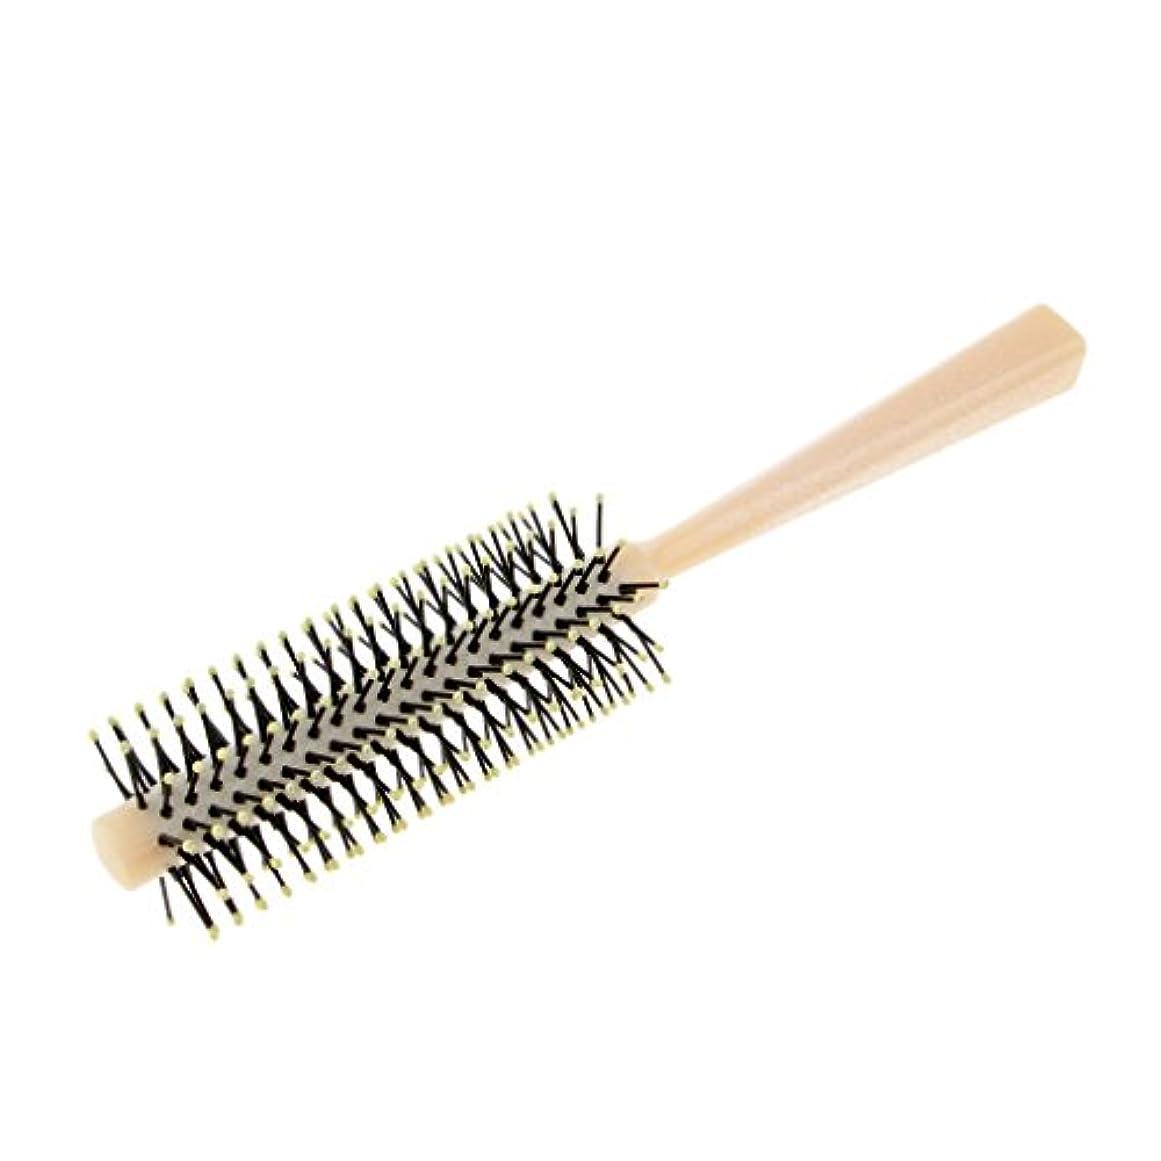 DYNWAVE ヘアブラシ ロール ロールブラシ 頭皮マッサージ カール 巻き髪 全2色 - 白